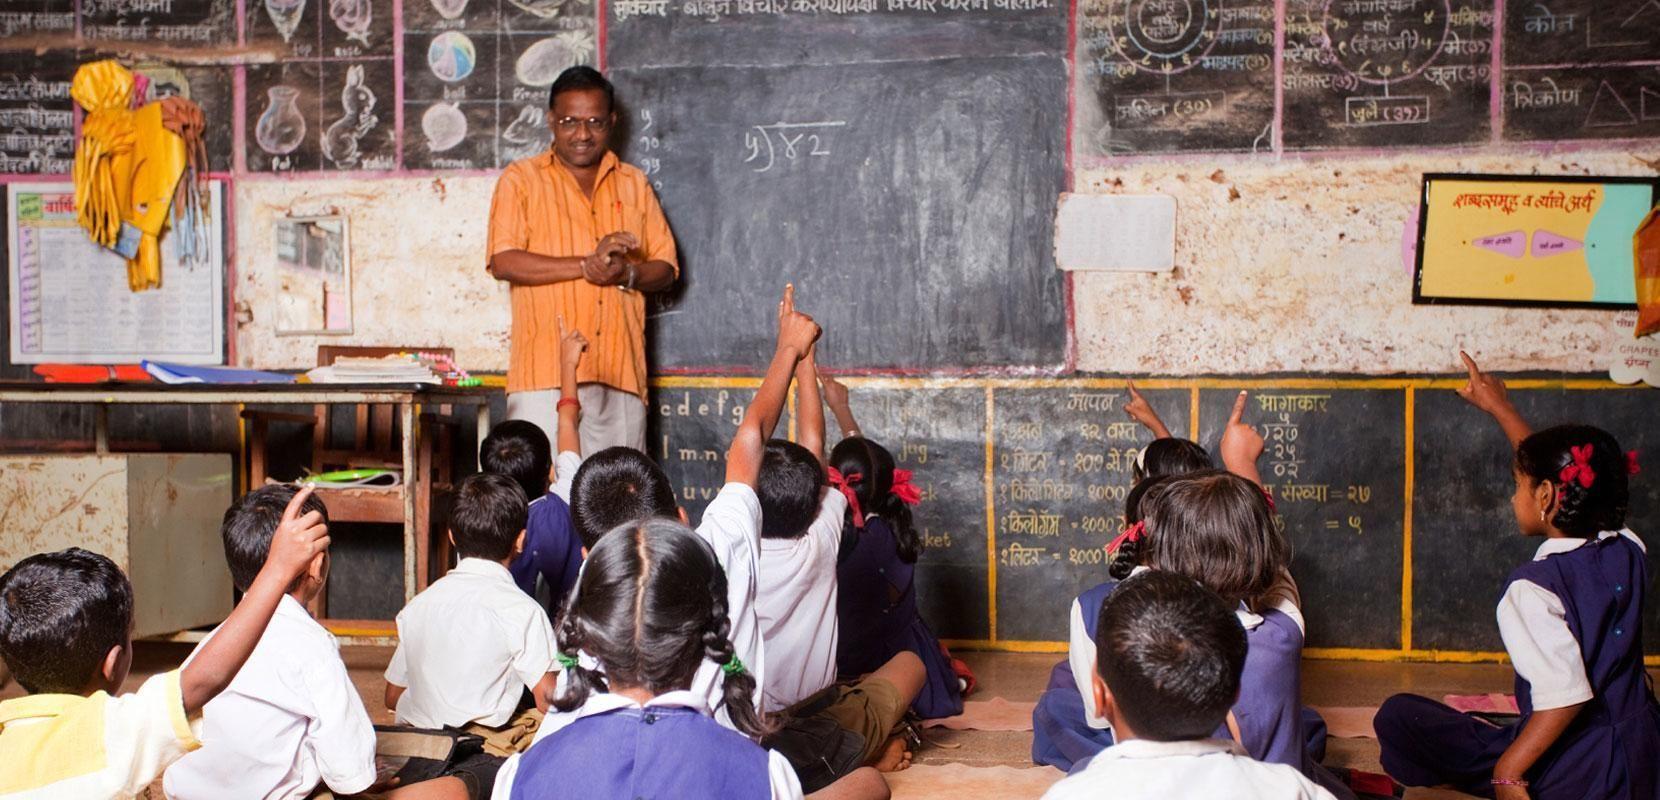 शिक्षक के रूप में आवश्यक कार्य करने के बाद ही राज्य एक शिक्षक को अतिरिक्त कार्य करने के लिए कह सकता है: इलाहाबाद हाईकोर्ट